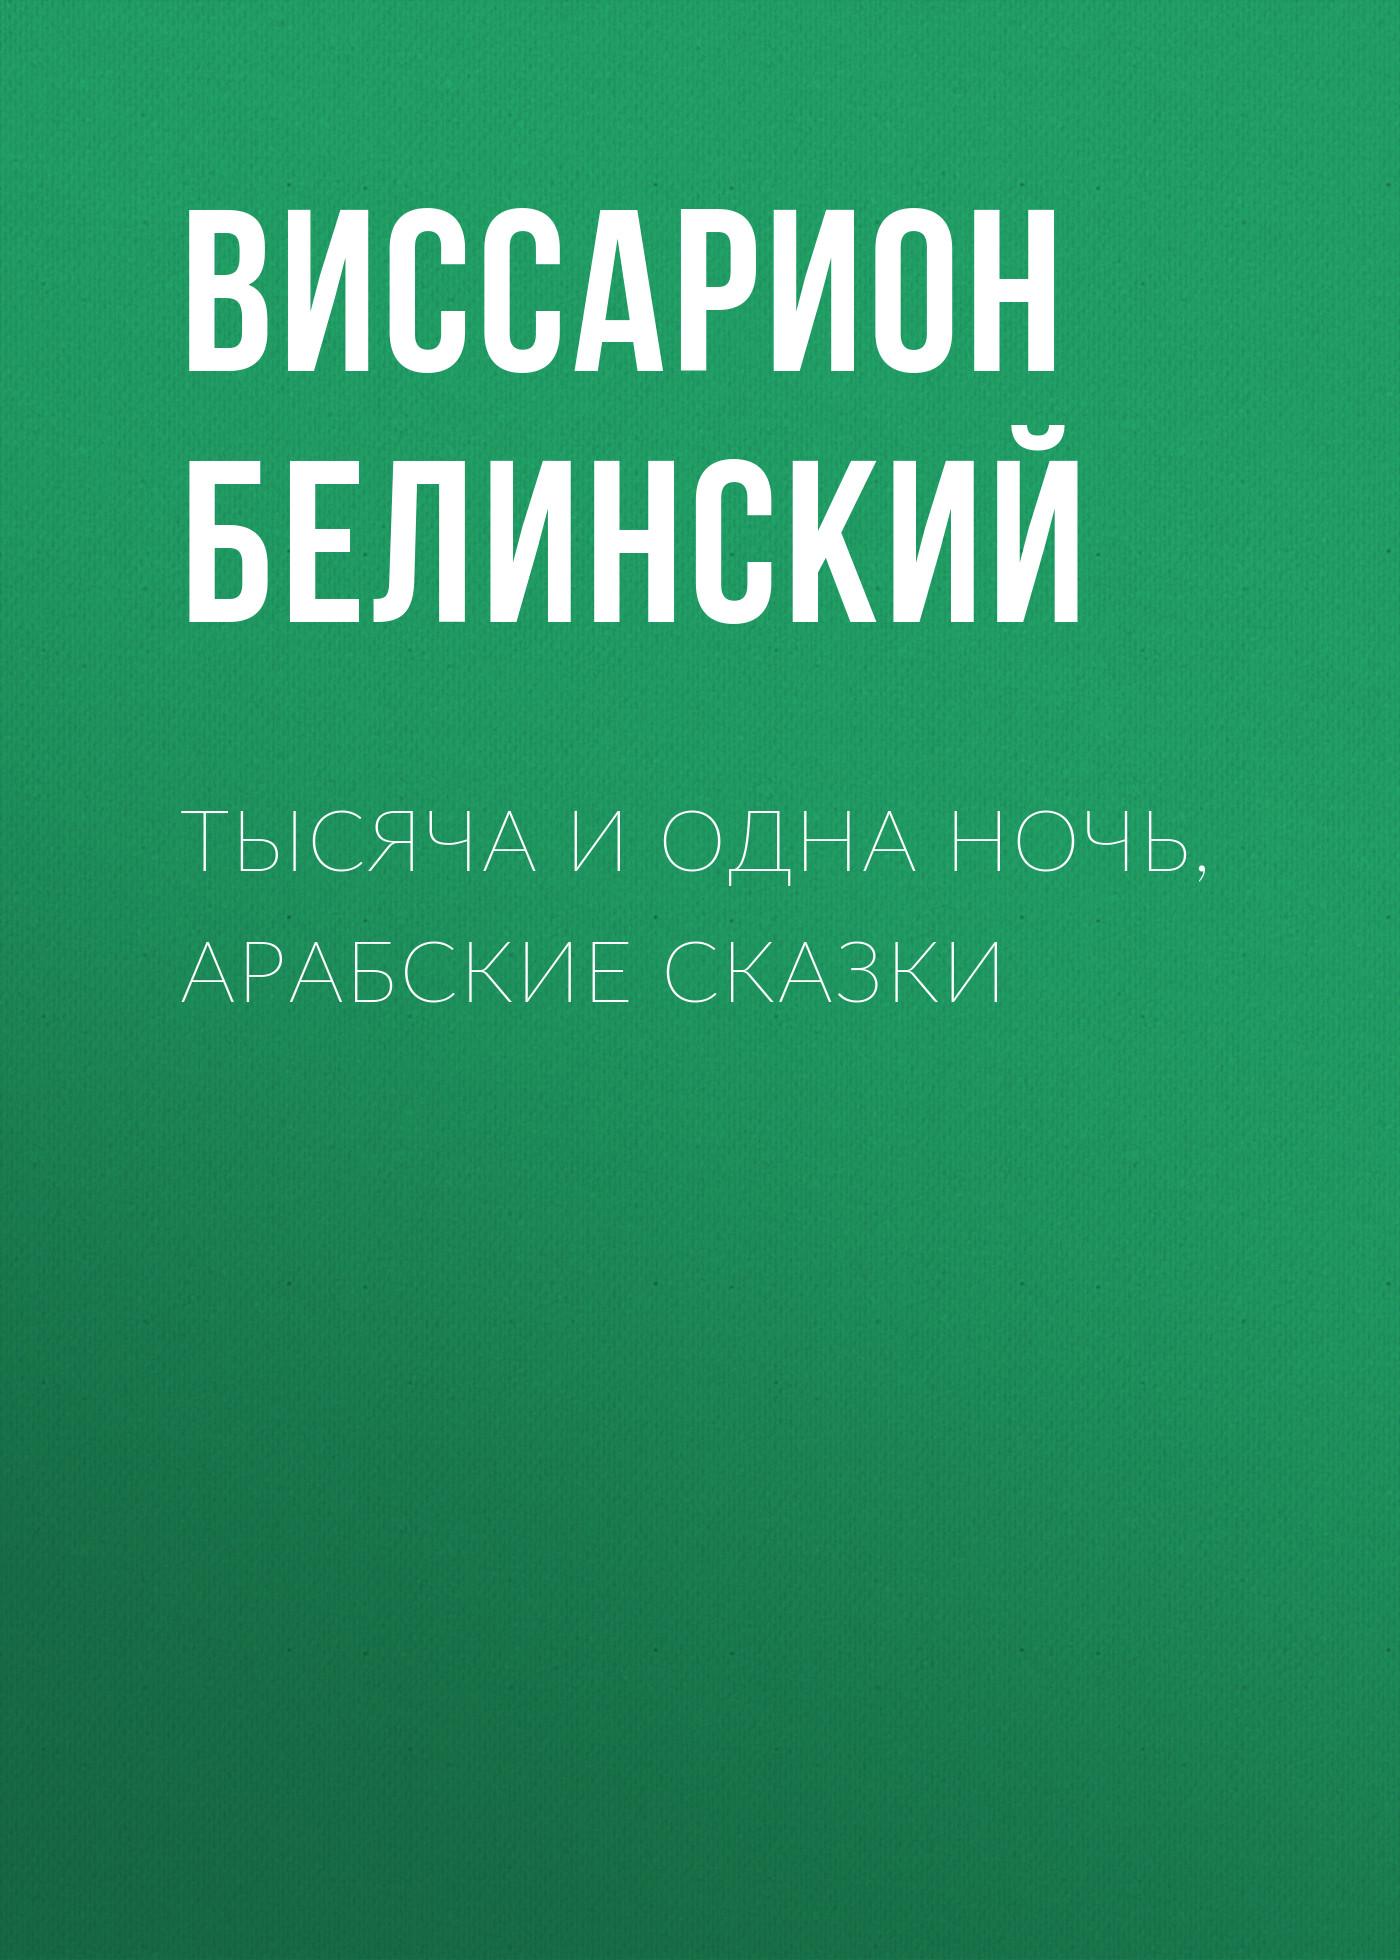 Купить книгу Тысяча и одна ночь, арабские сказки, автора Виссариона Белинского